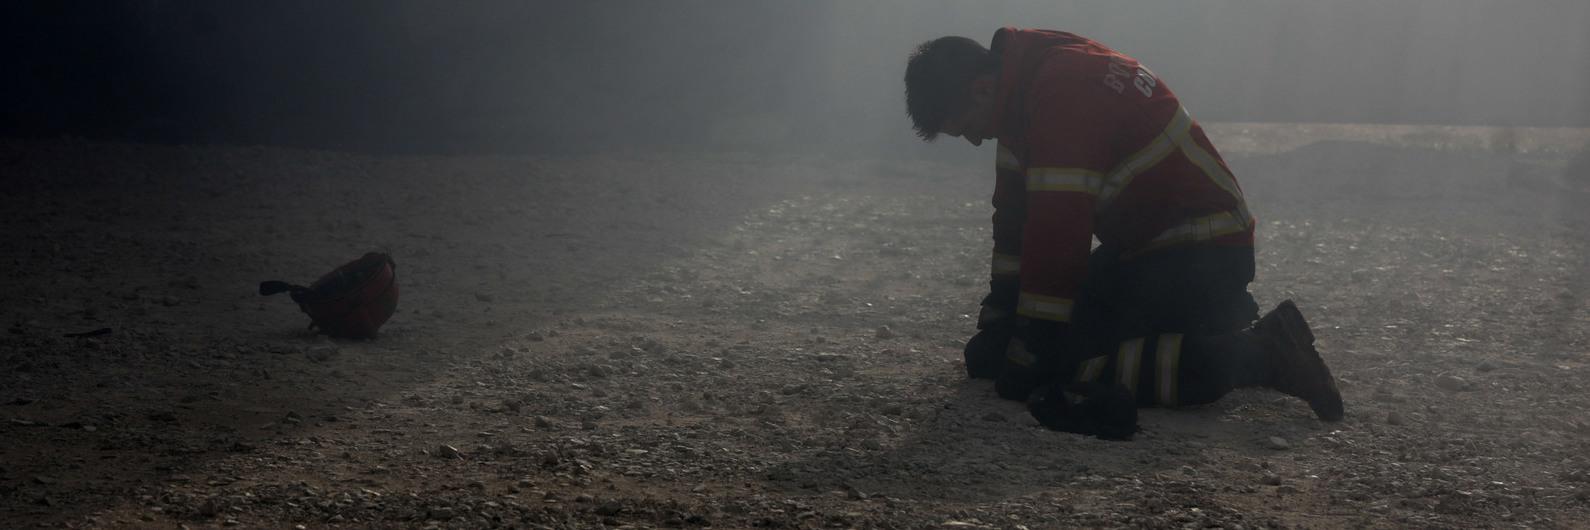 Outubro negro: O que sabemos até ao momento sobre o dia que cobriu Portugal de chamas